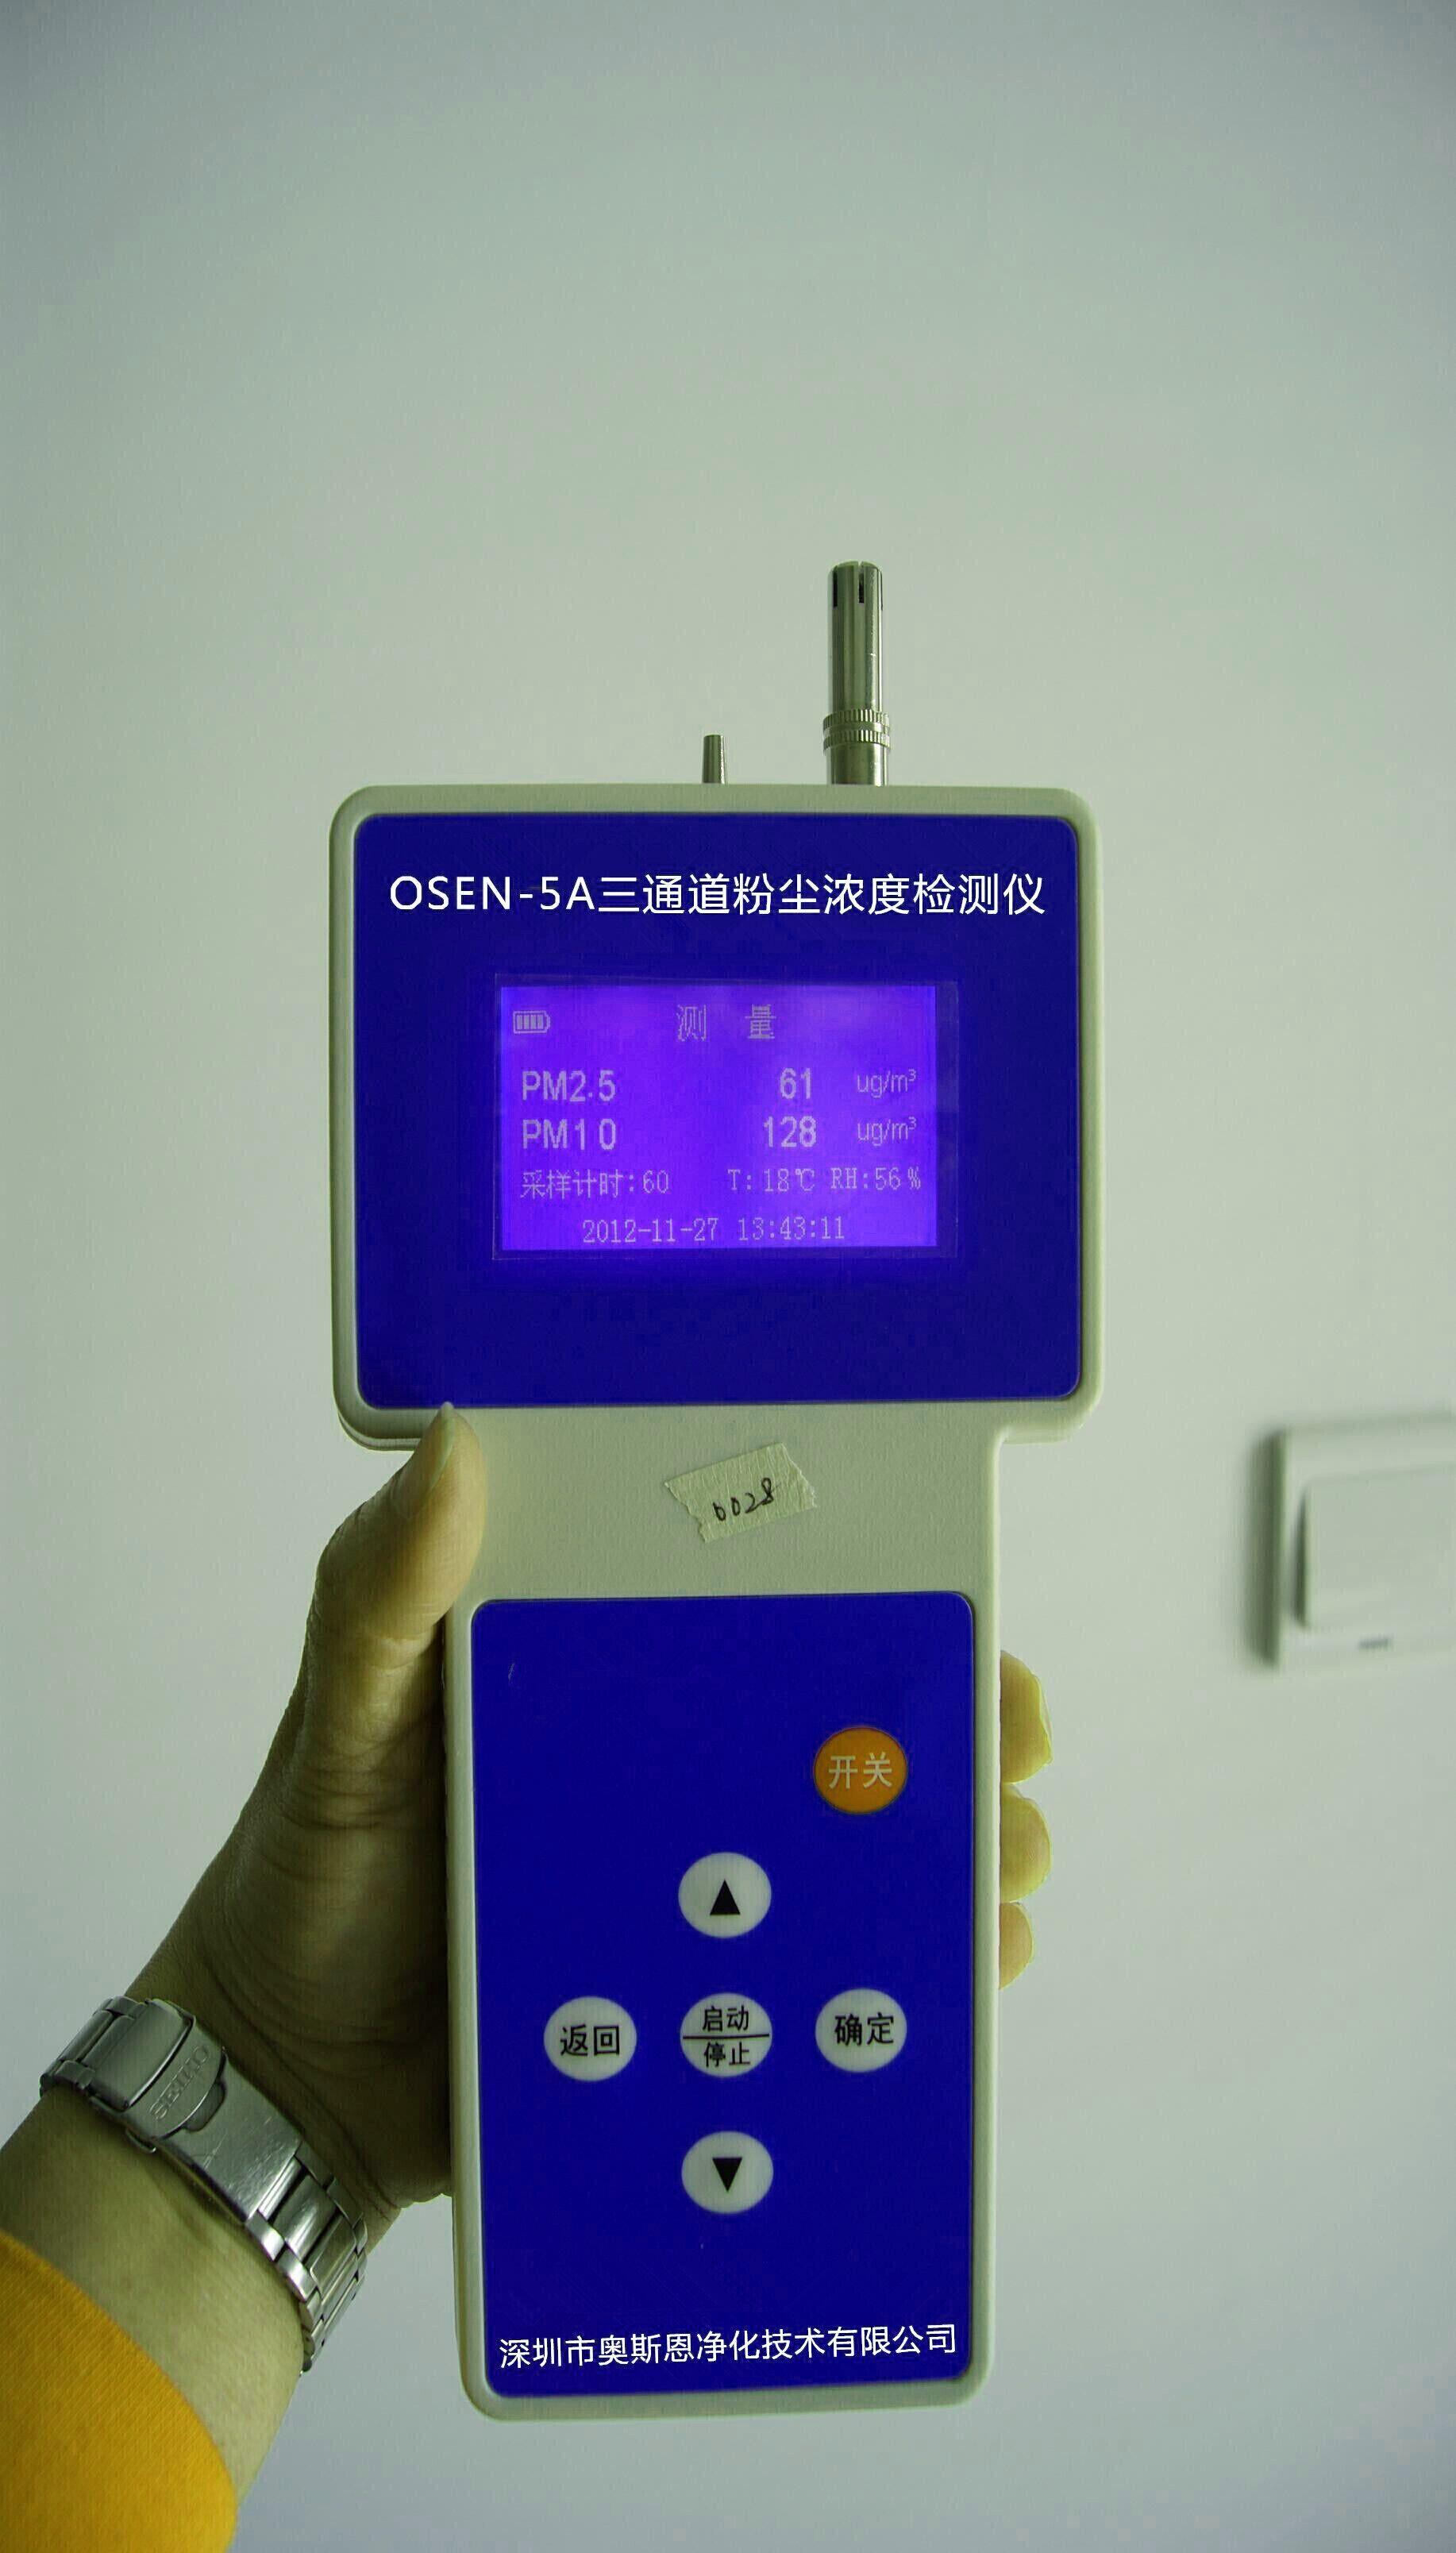 奥斯恩OSEN-5A粉尘检测仪,PM2.5粉尘仪,粉尘测量仪,粉尘测试仪,粉尘浓度检测仪